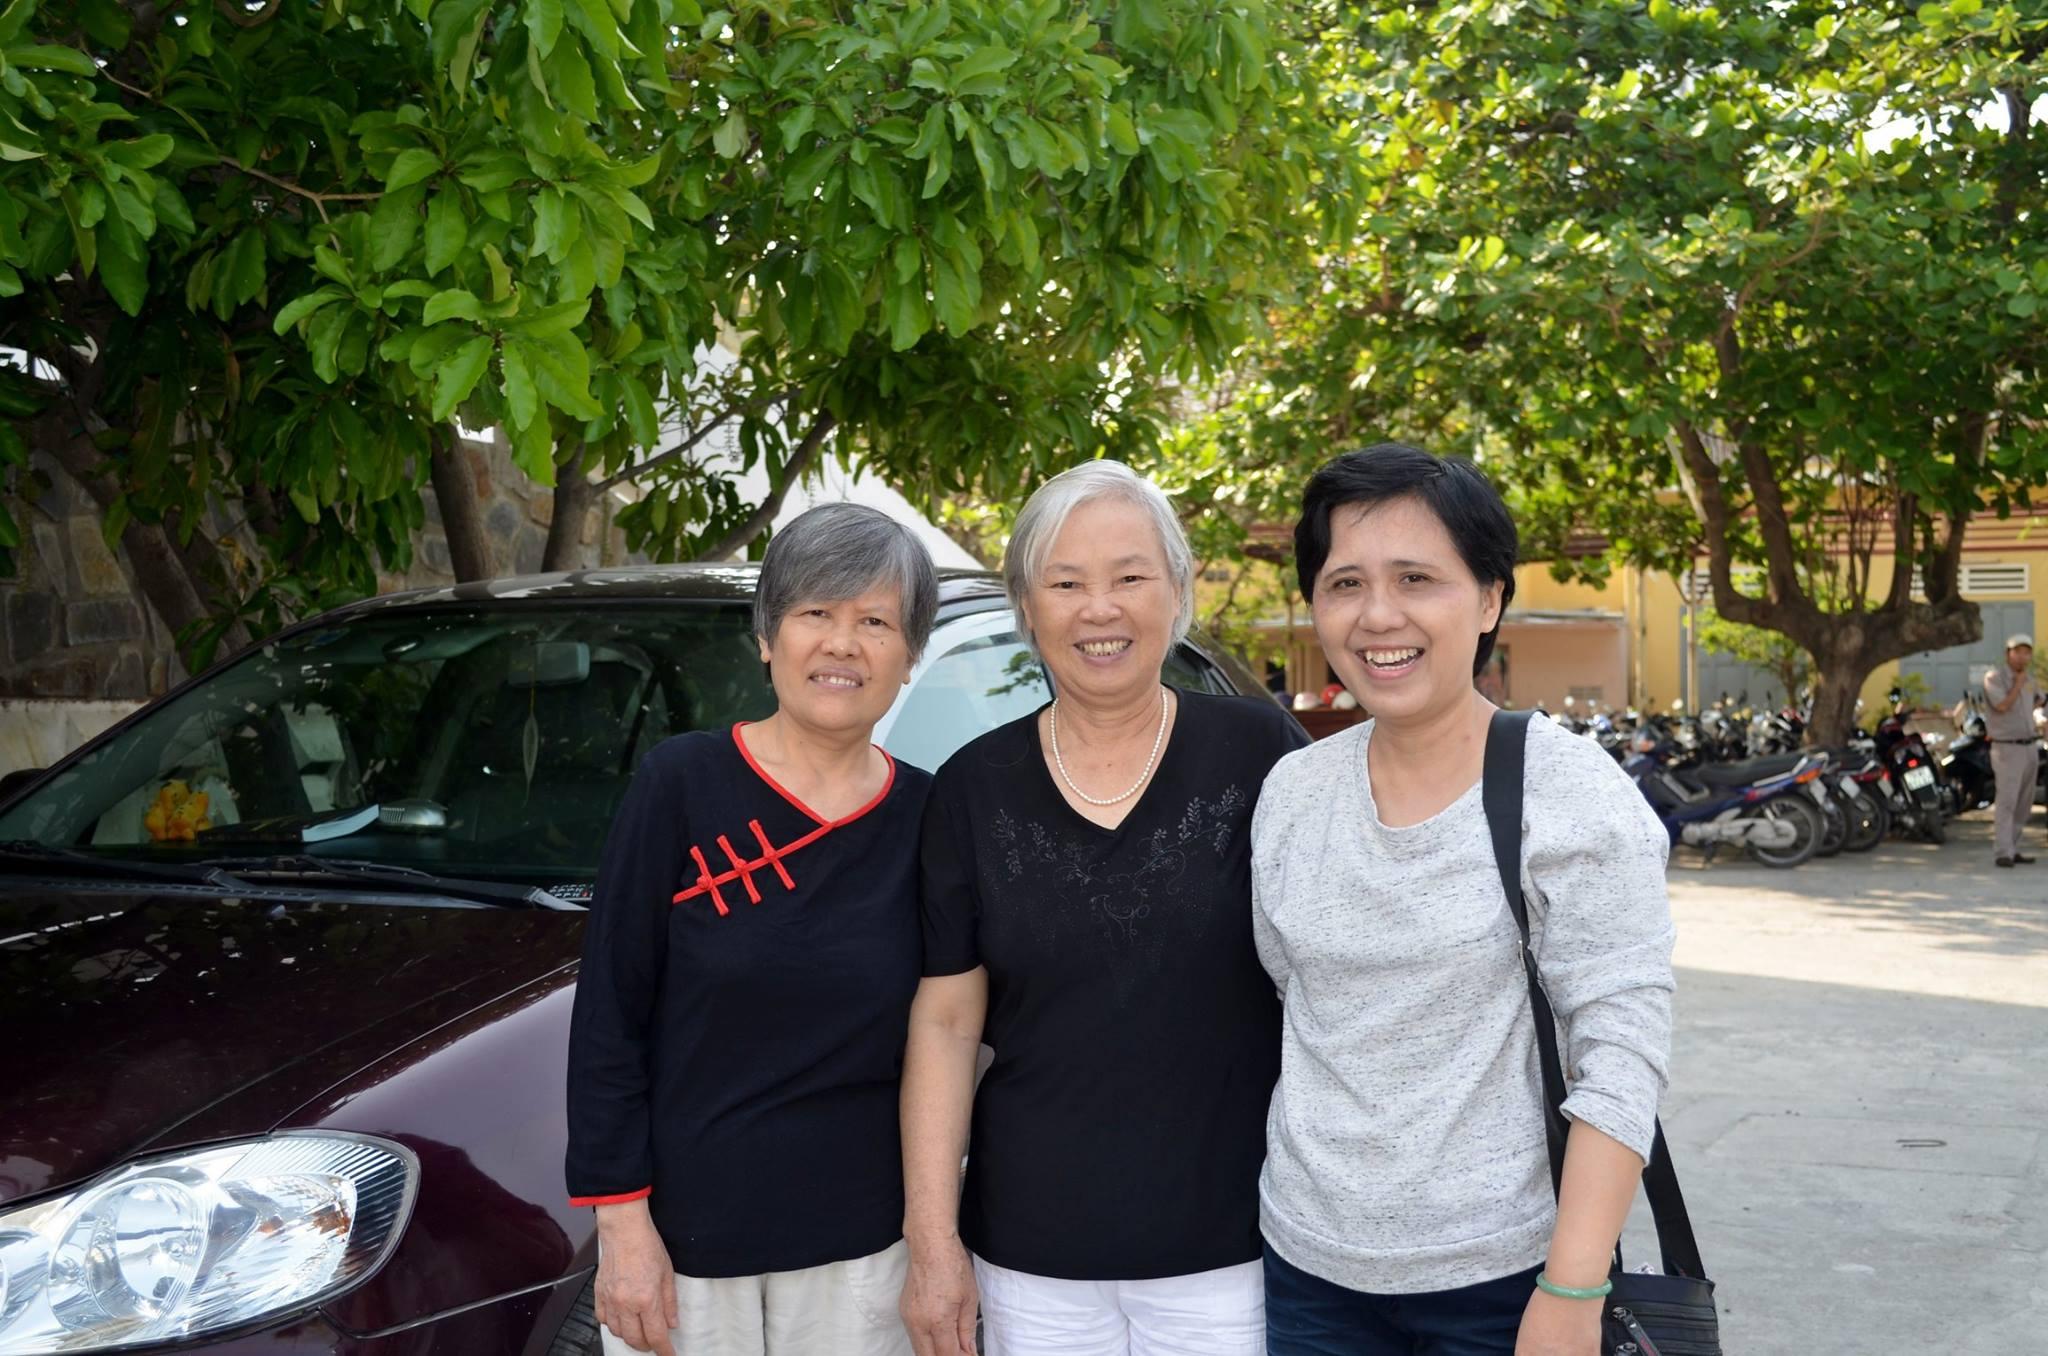 Pics - Phap dam 4.2016 - 16